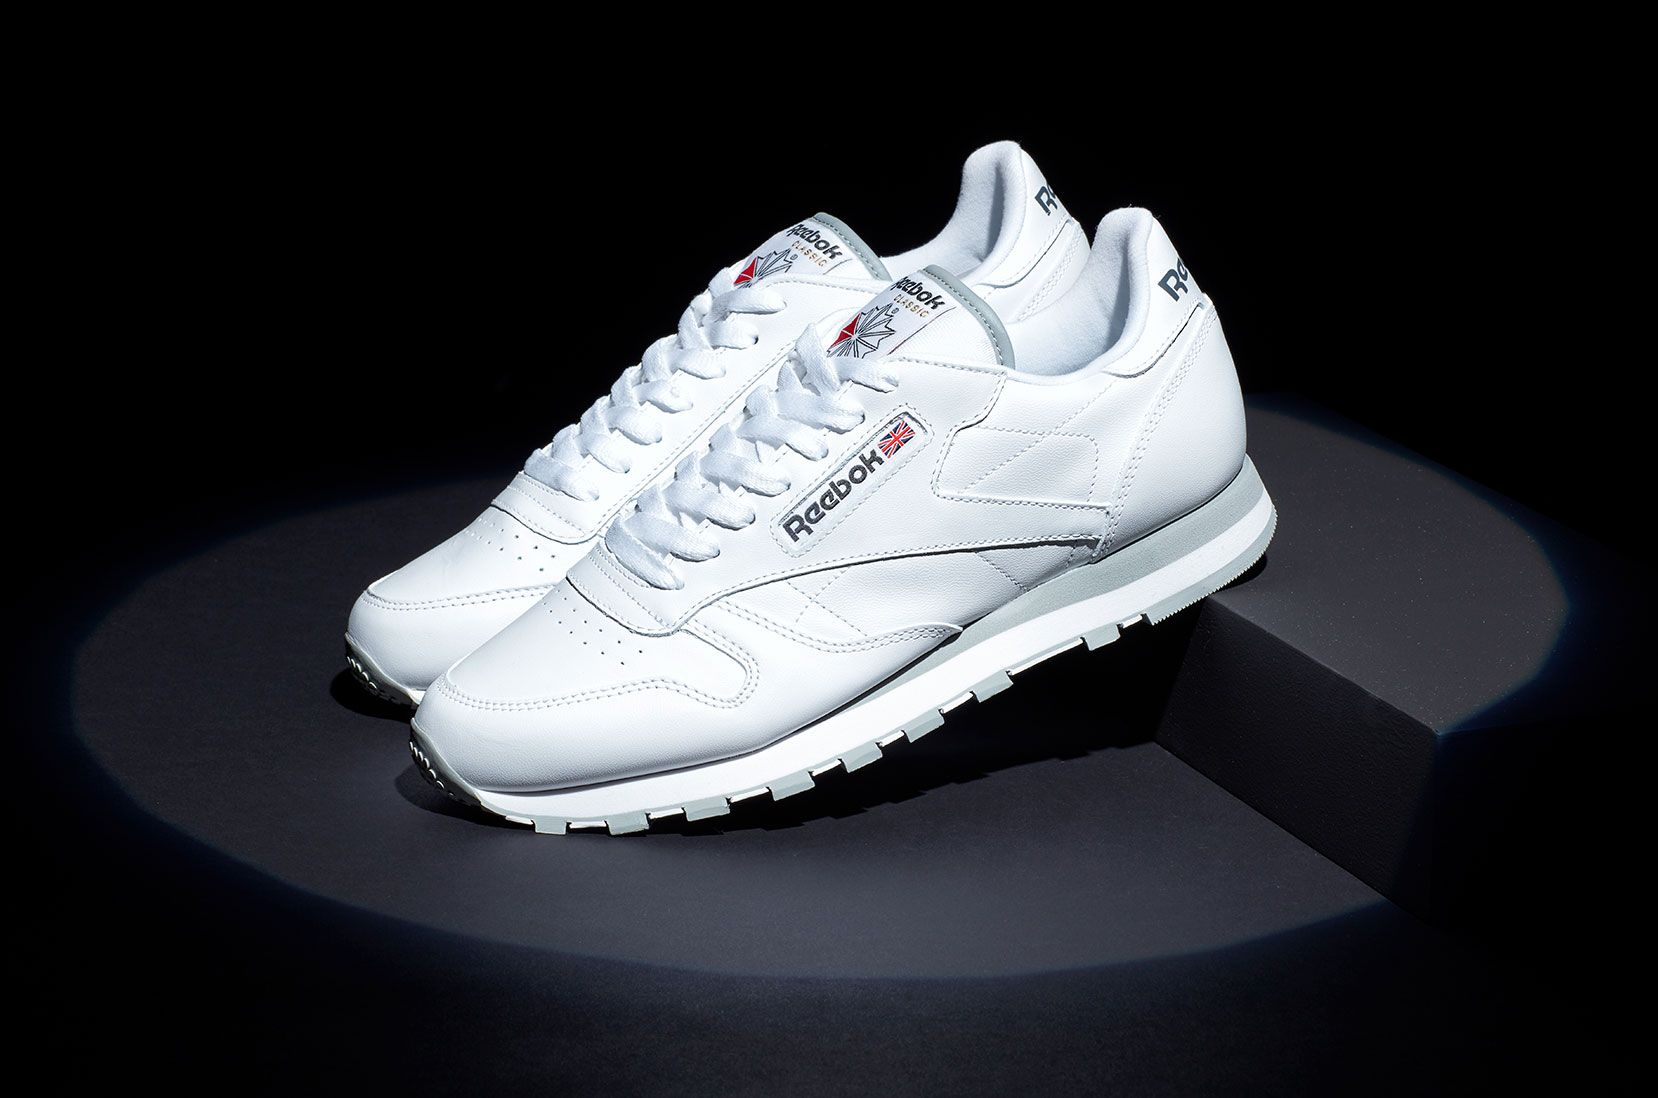 Modne Sneakersy Dla Mezczyzn Nowe Trendy Na Zalando Pl